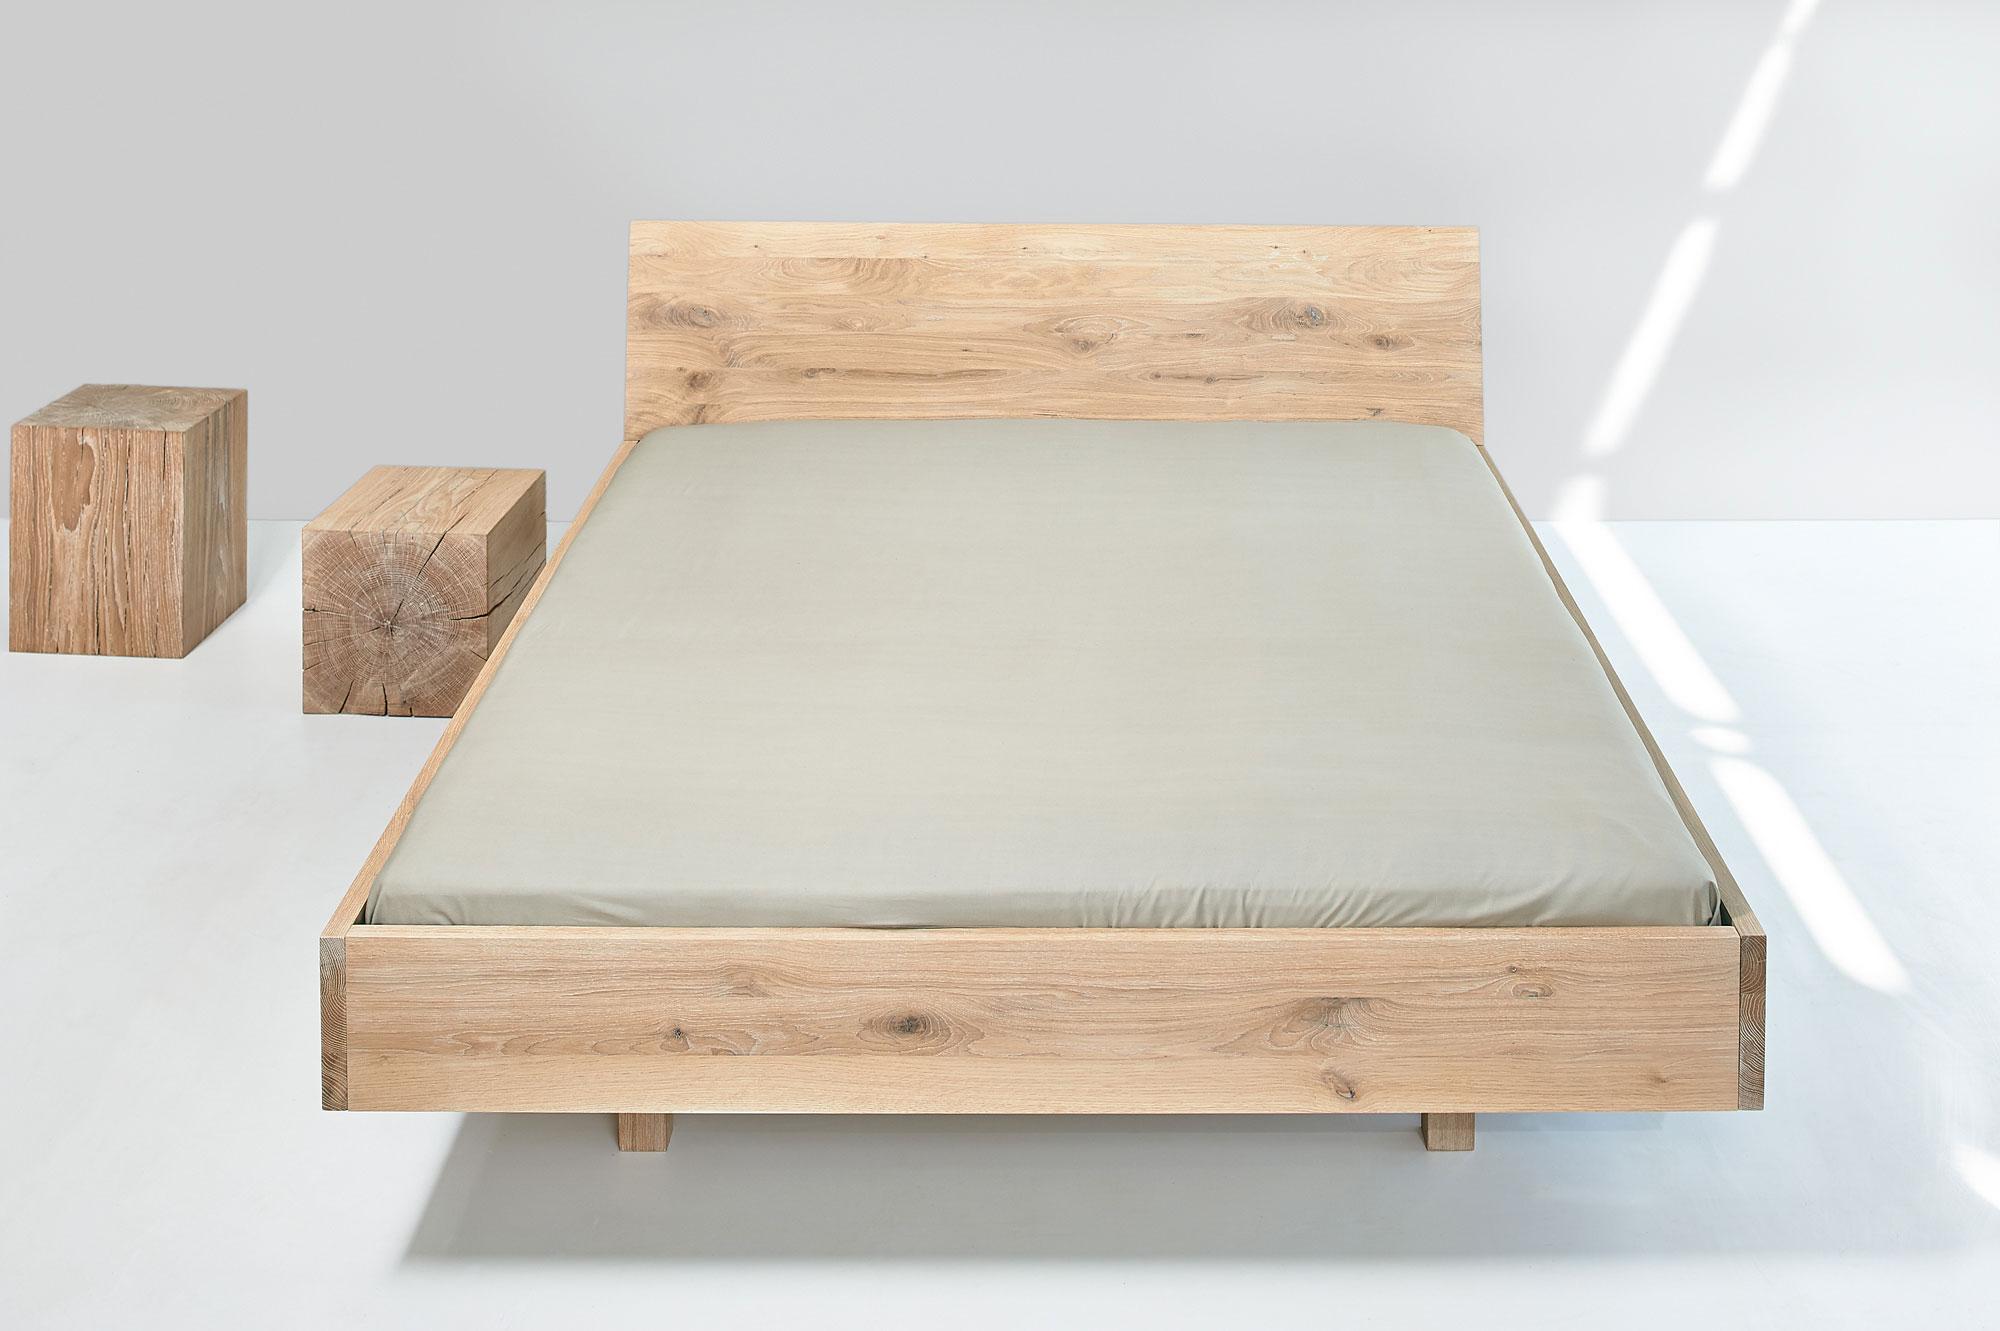 Nachttisch aus baumstamm finest awesome baumstamm hocker selber machen einzigartig nachttisch - Baumstamm garderobe selber bauen ...